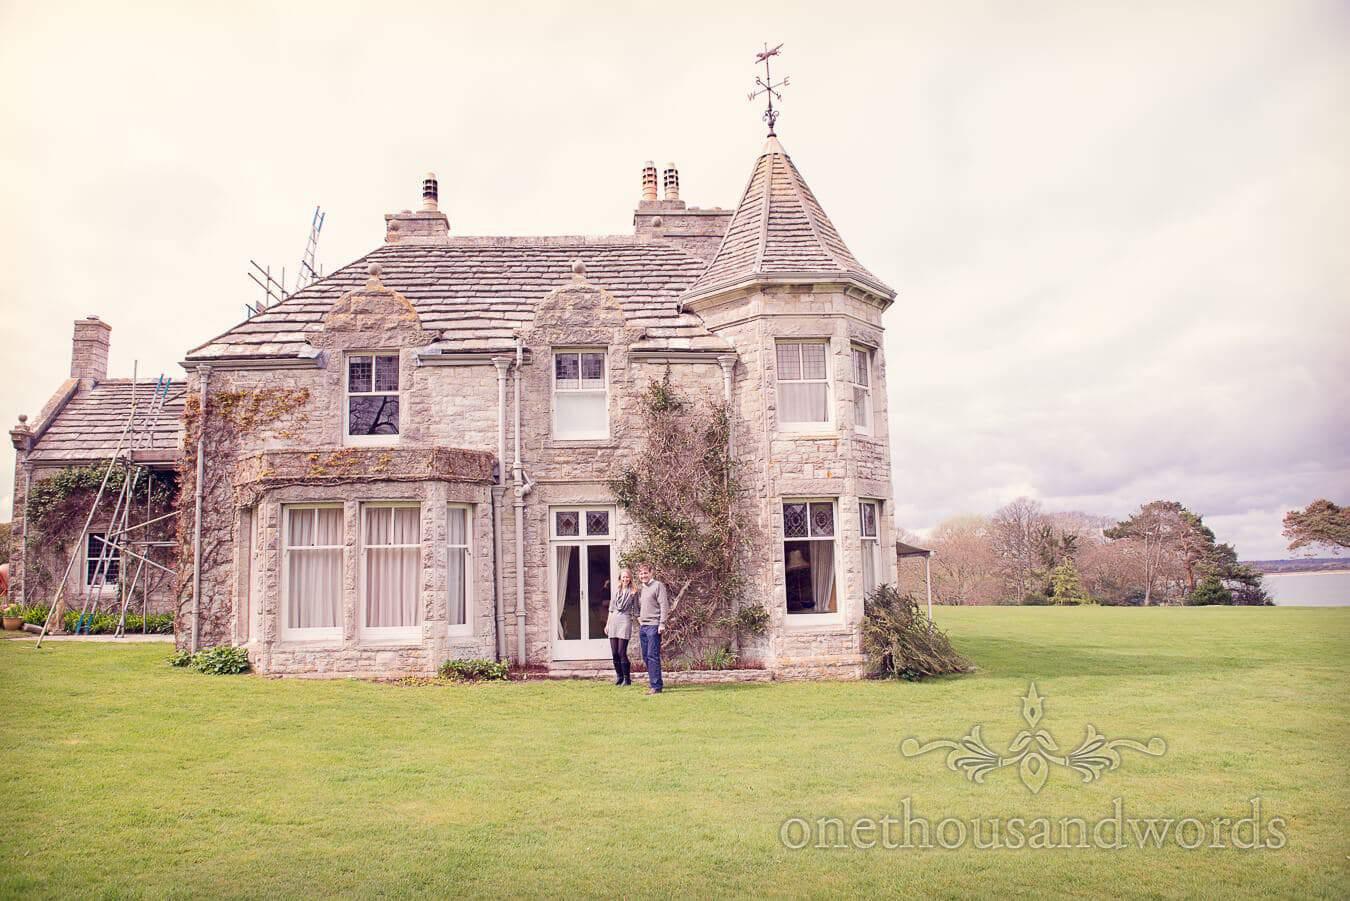 Harry Warren House Engagement in Studland, Dorset